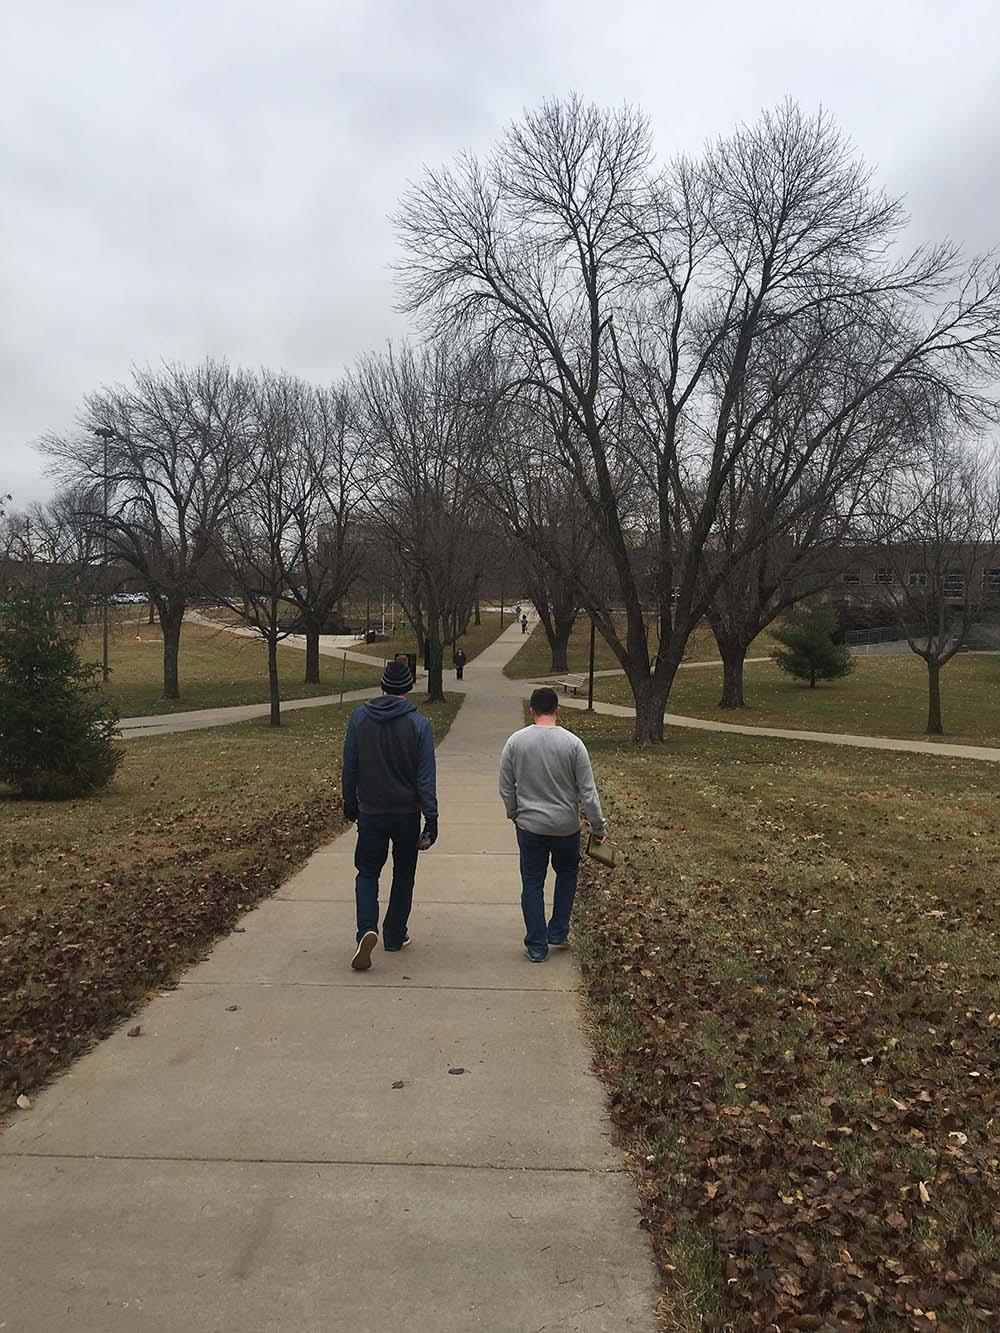 Veterans Upward Bound touring campus